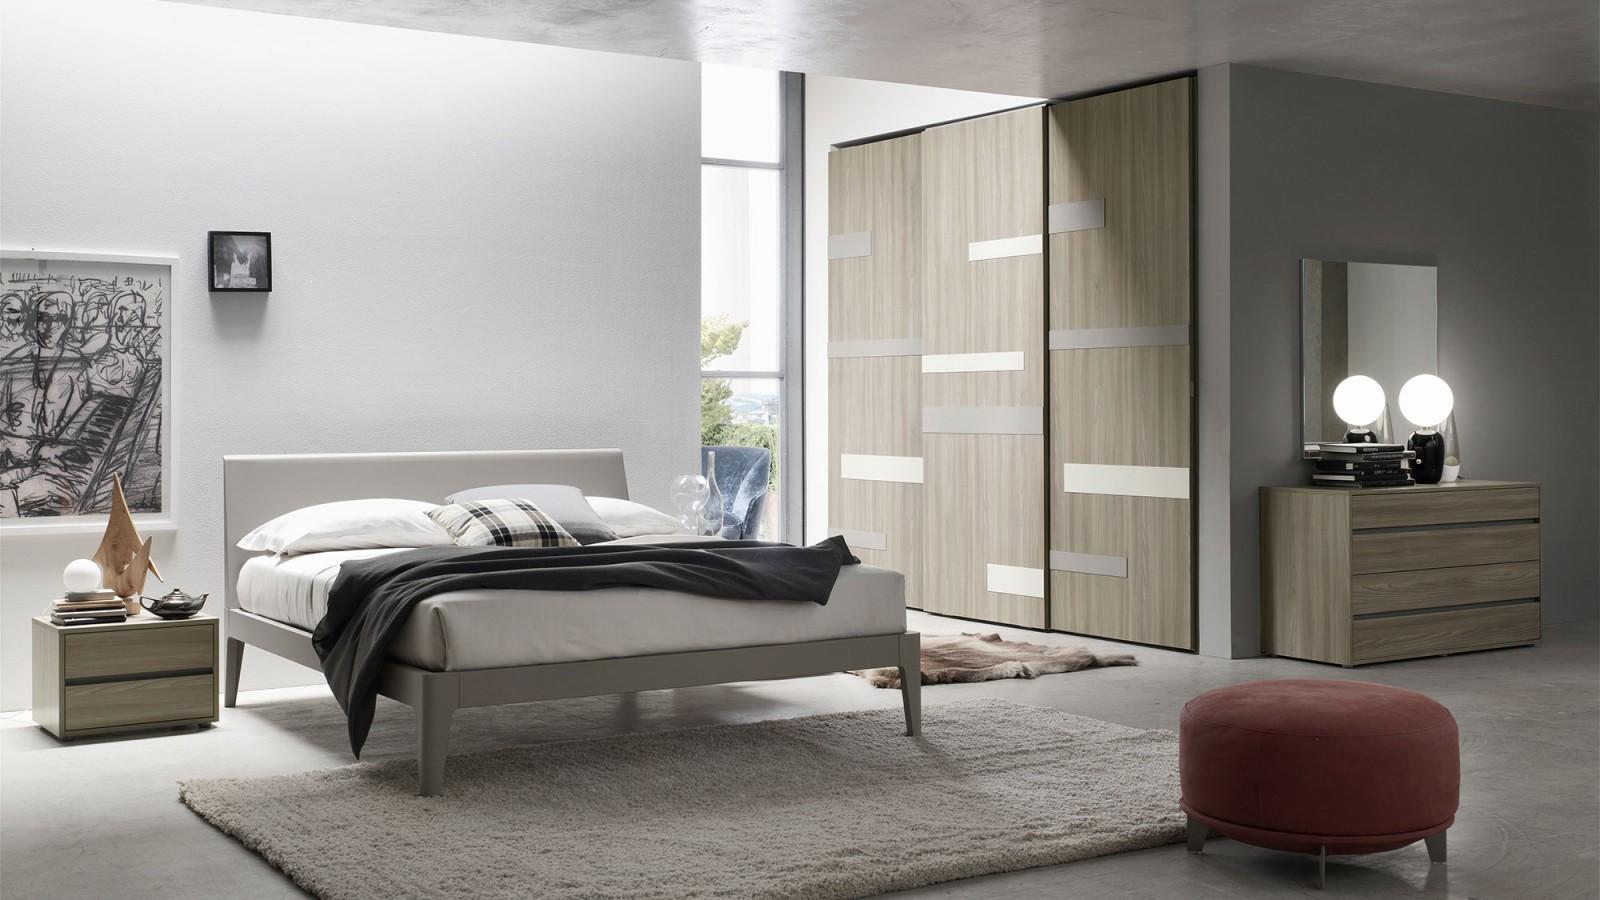 Penelope art scorrevole orme scorcucchi interni cortona - Arredamenti moderni camere da letto ...